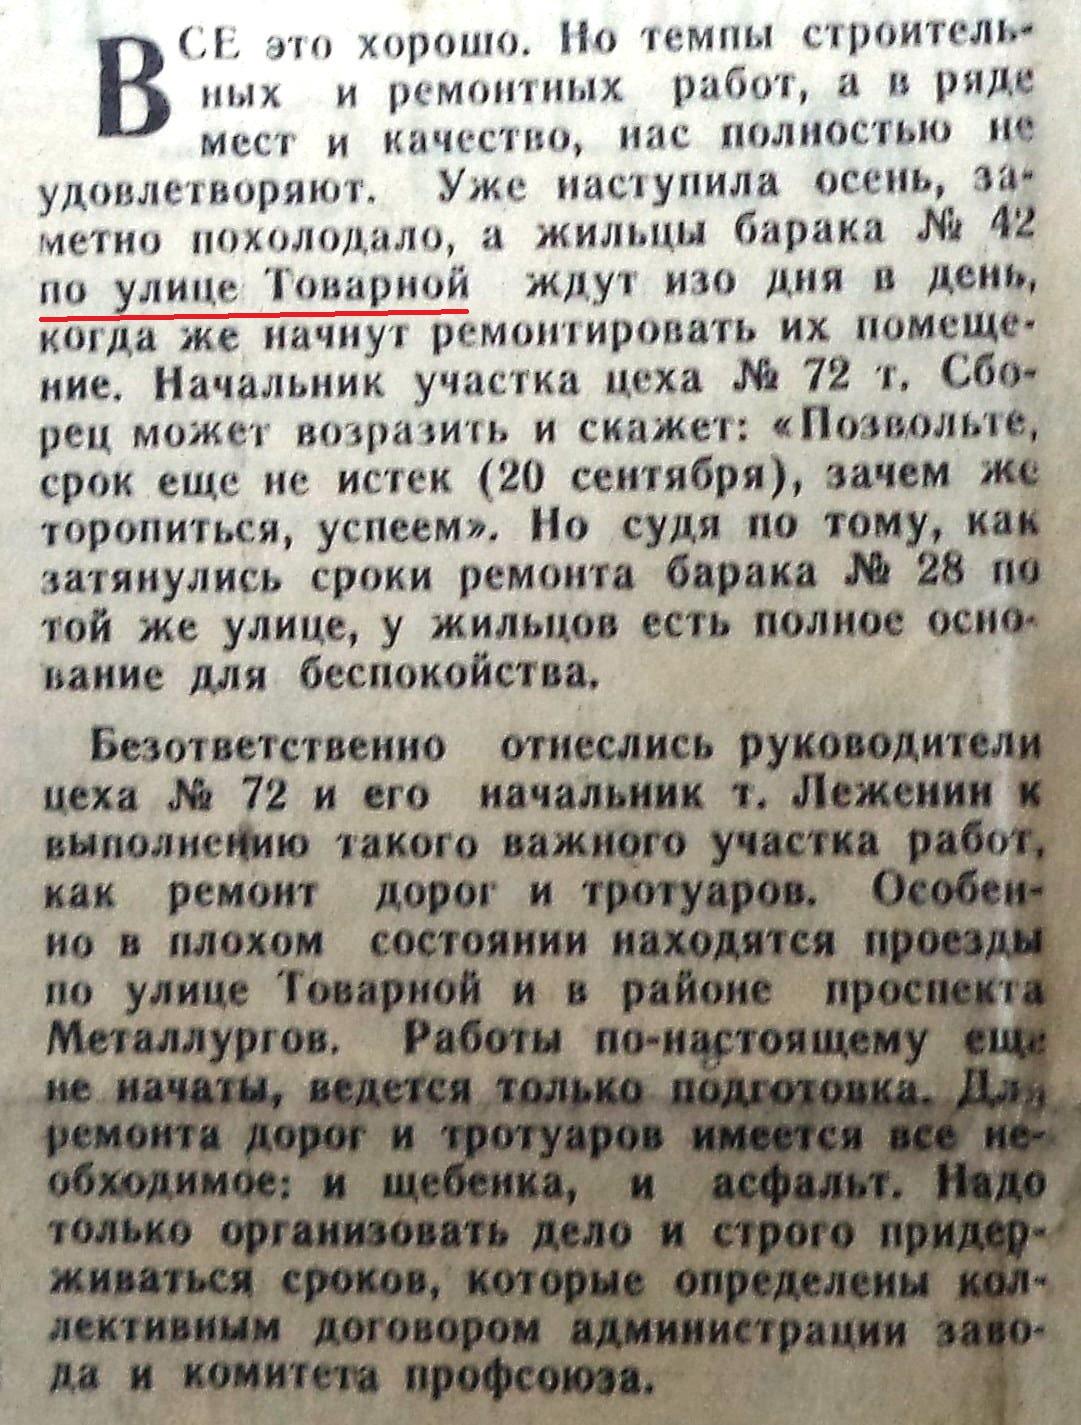 Товарная-ФОТО-07-Рабочий-1964-9 сентября